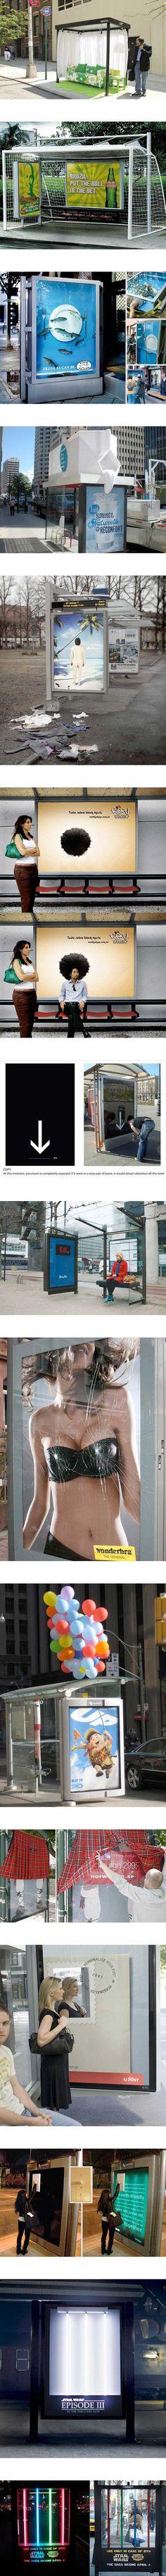 Publicidad creativa en paradas de bus